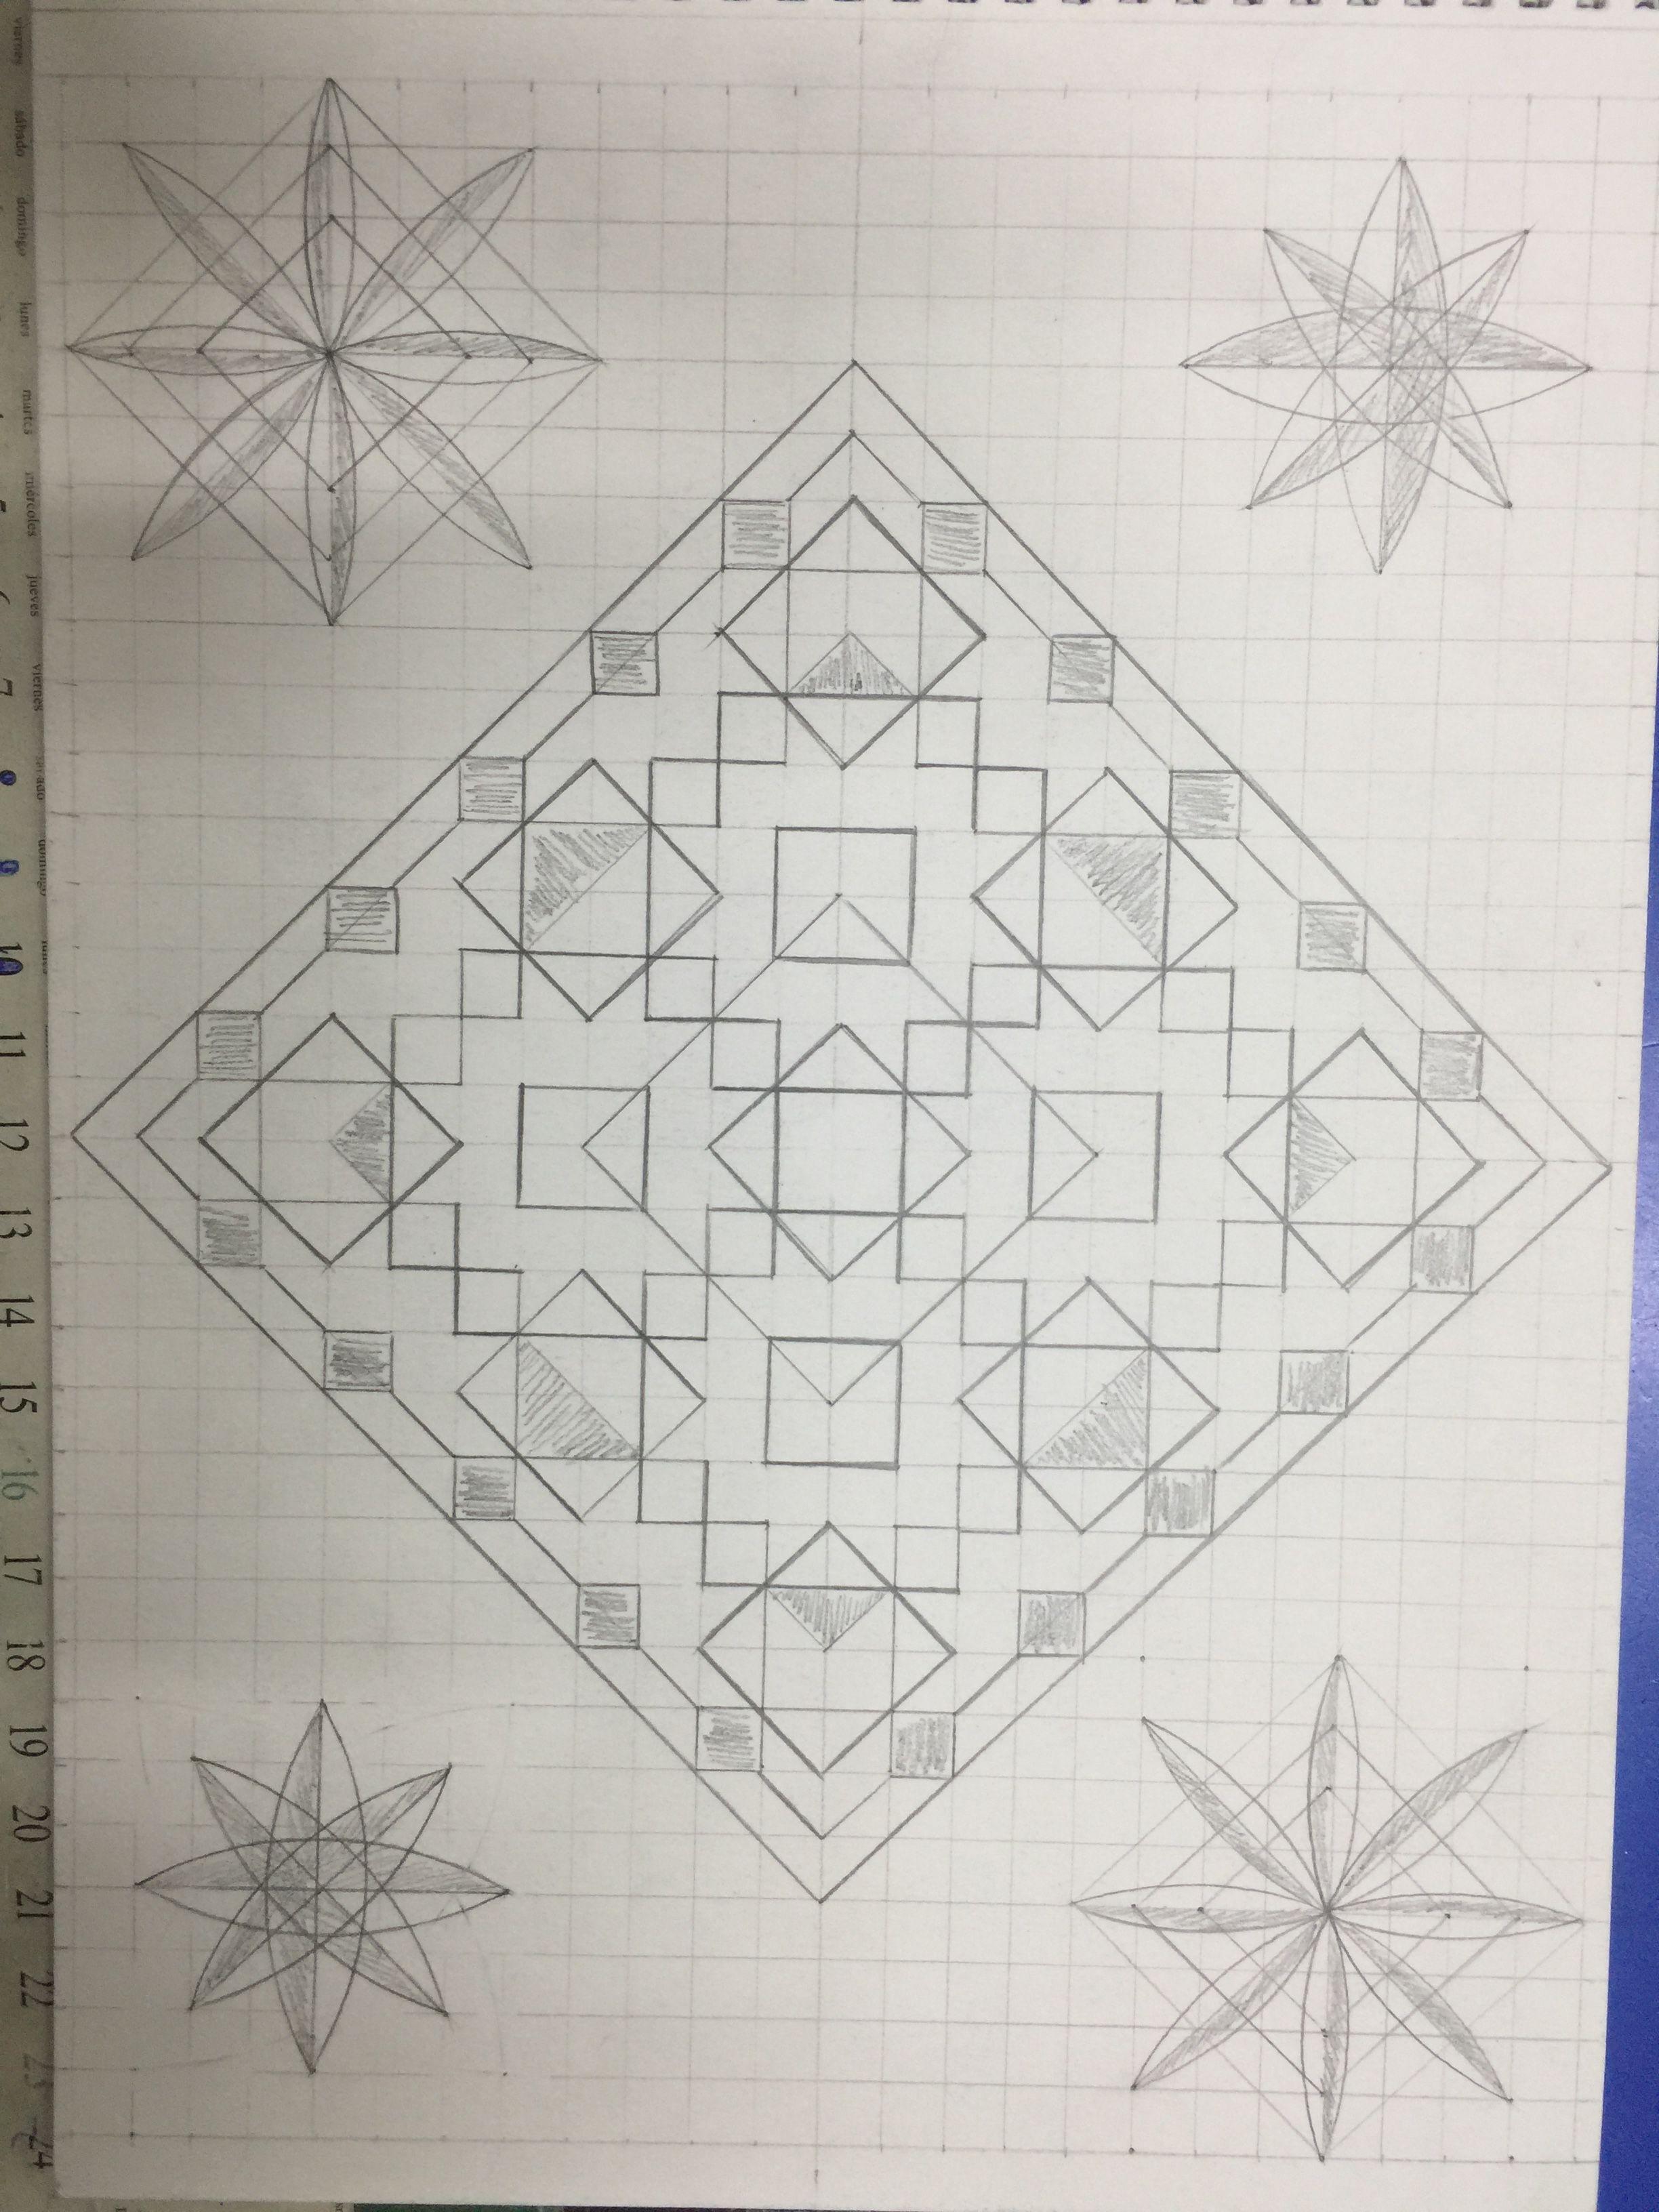 زخارف هندسية Geometric Shapes Drawing Geometric Shapes Graphic Design Background Templates